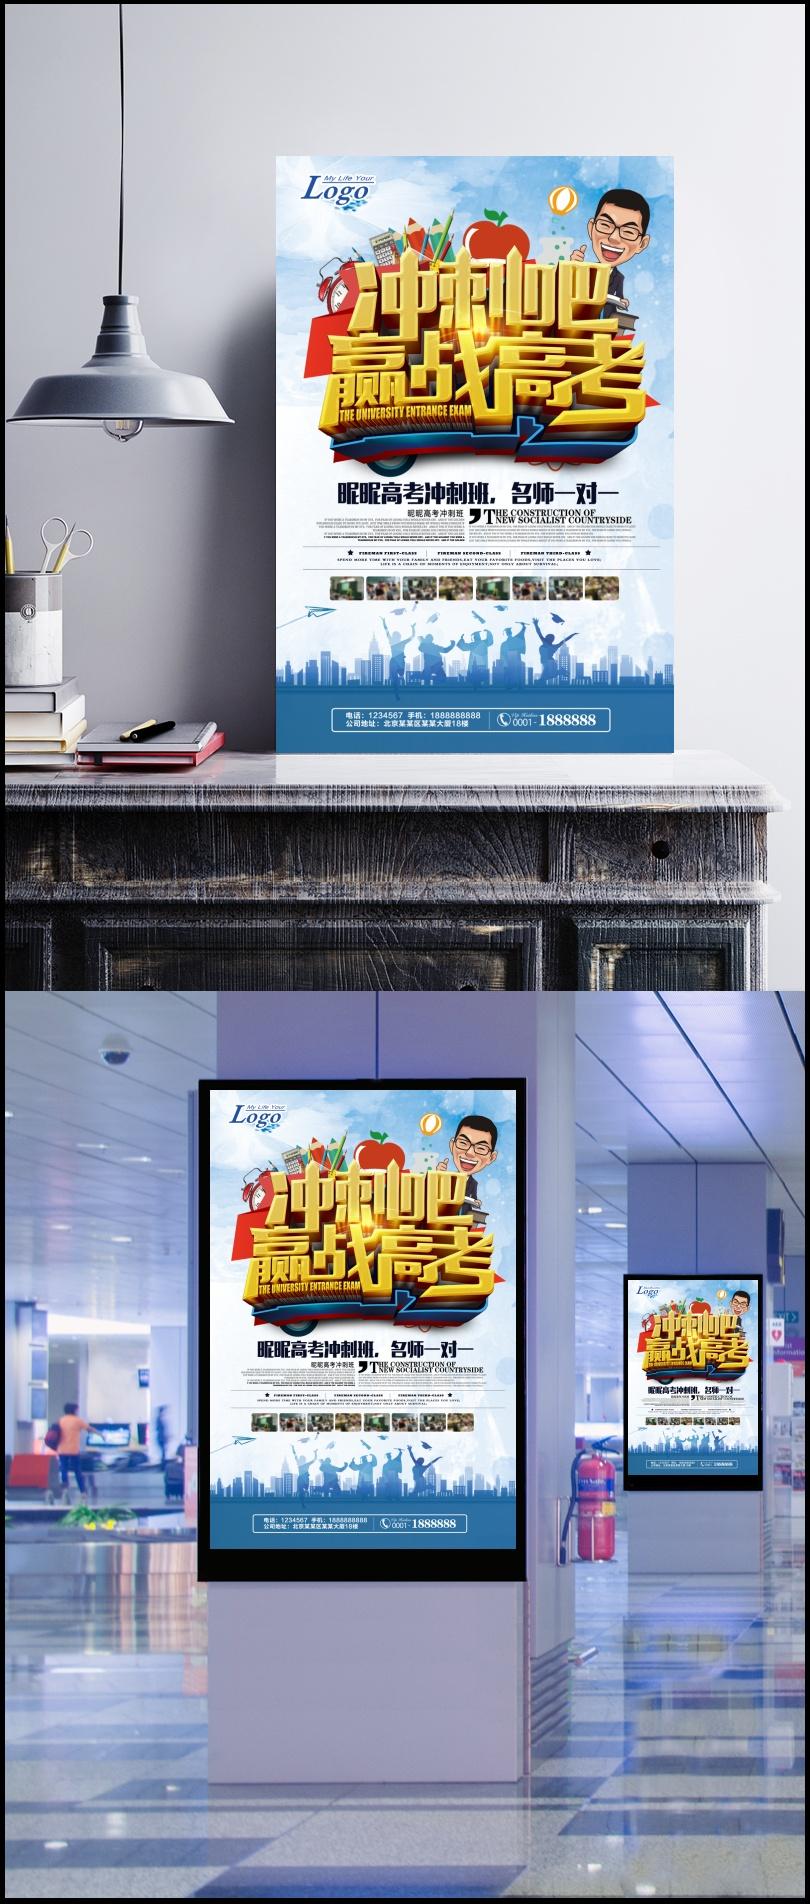 人物剪影卡通迎战高考海报宣传背景素材